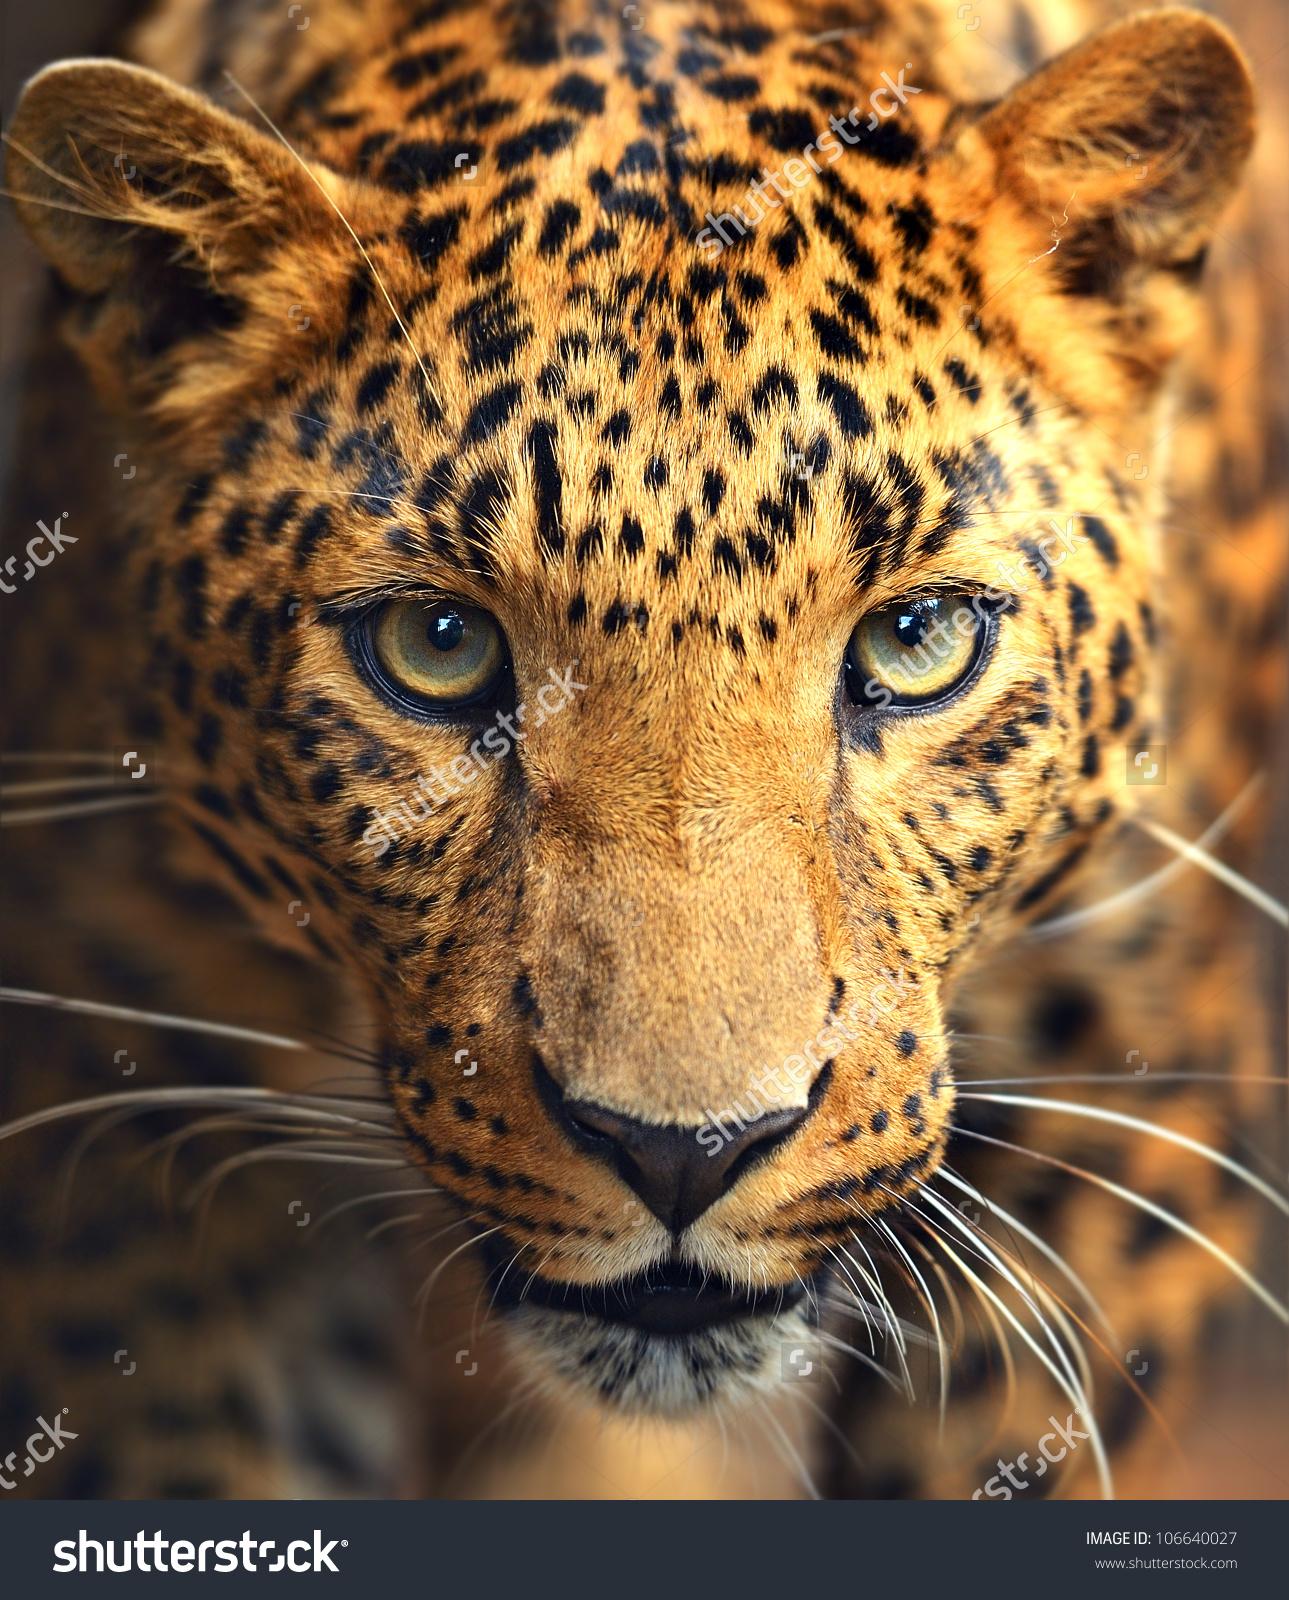 Leopard Portrait Stock Photo 106640027 : Shutterstock.